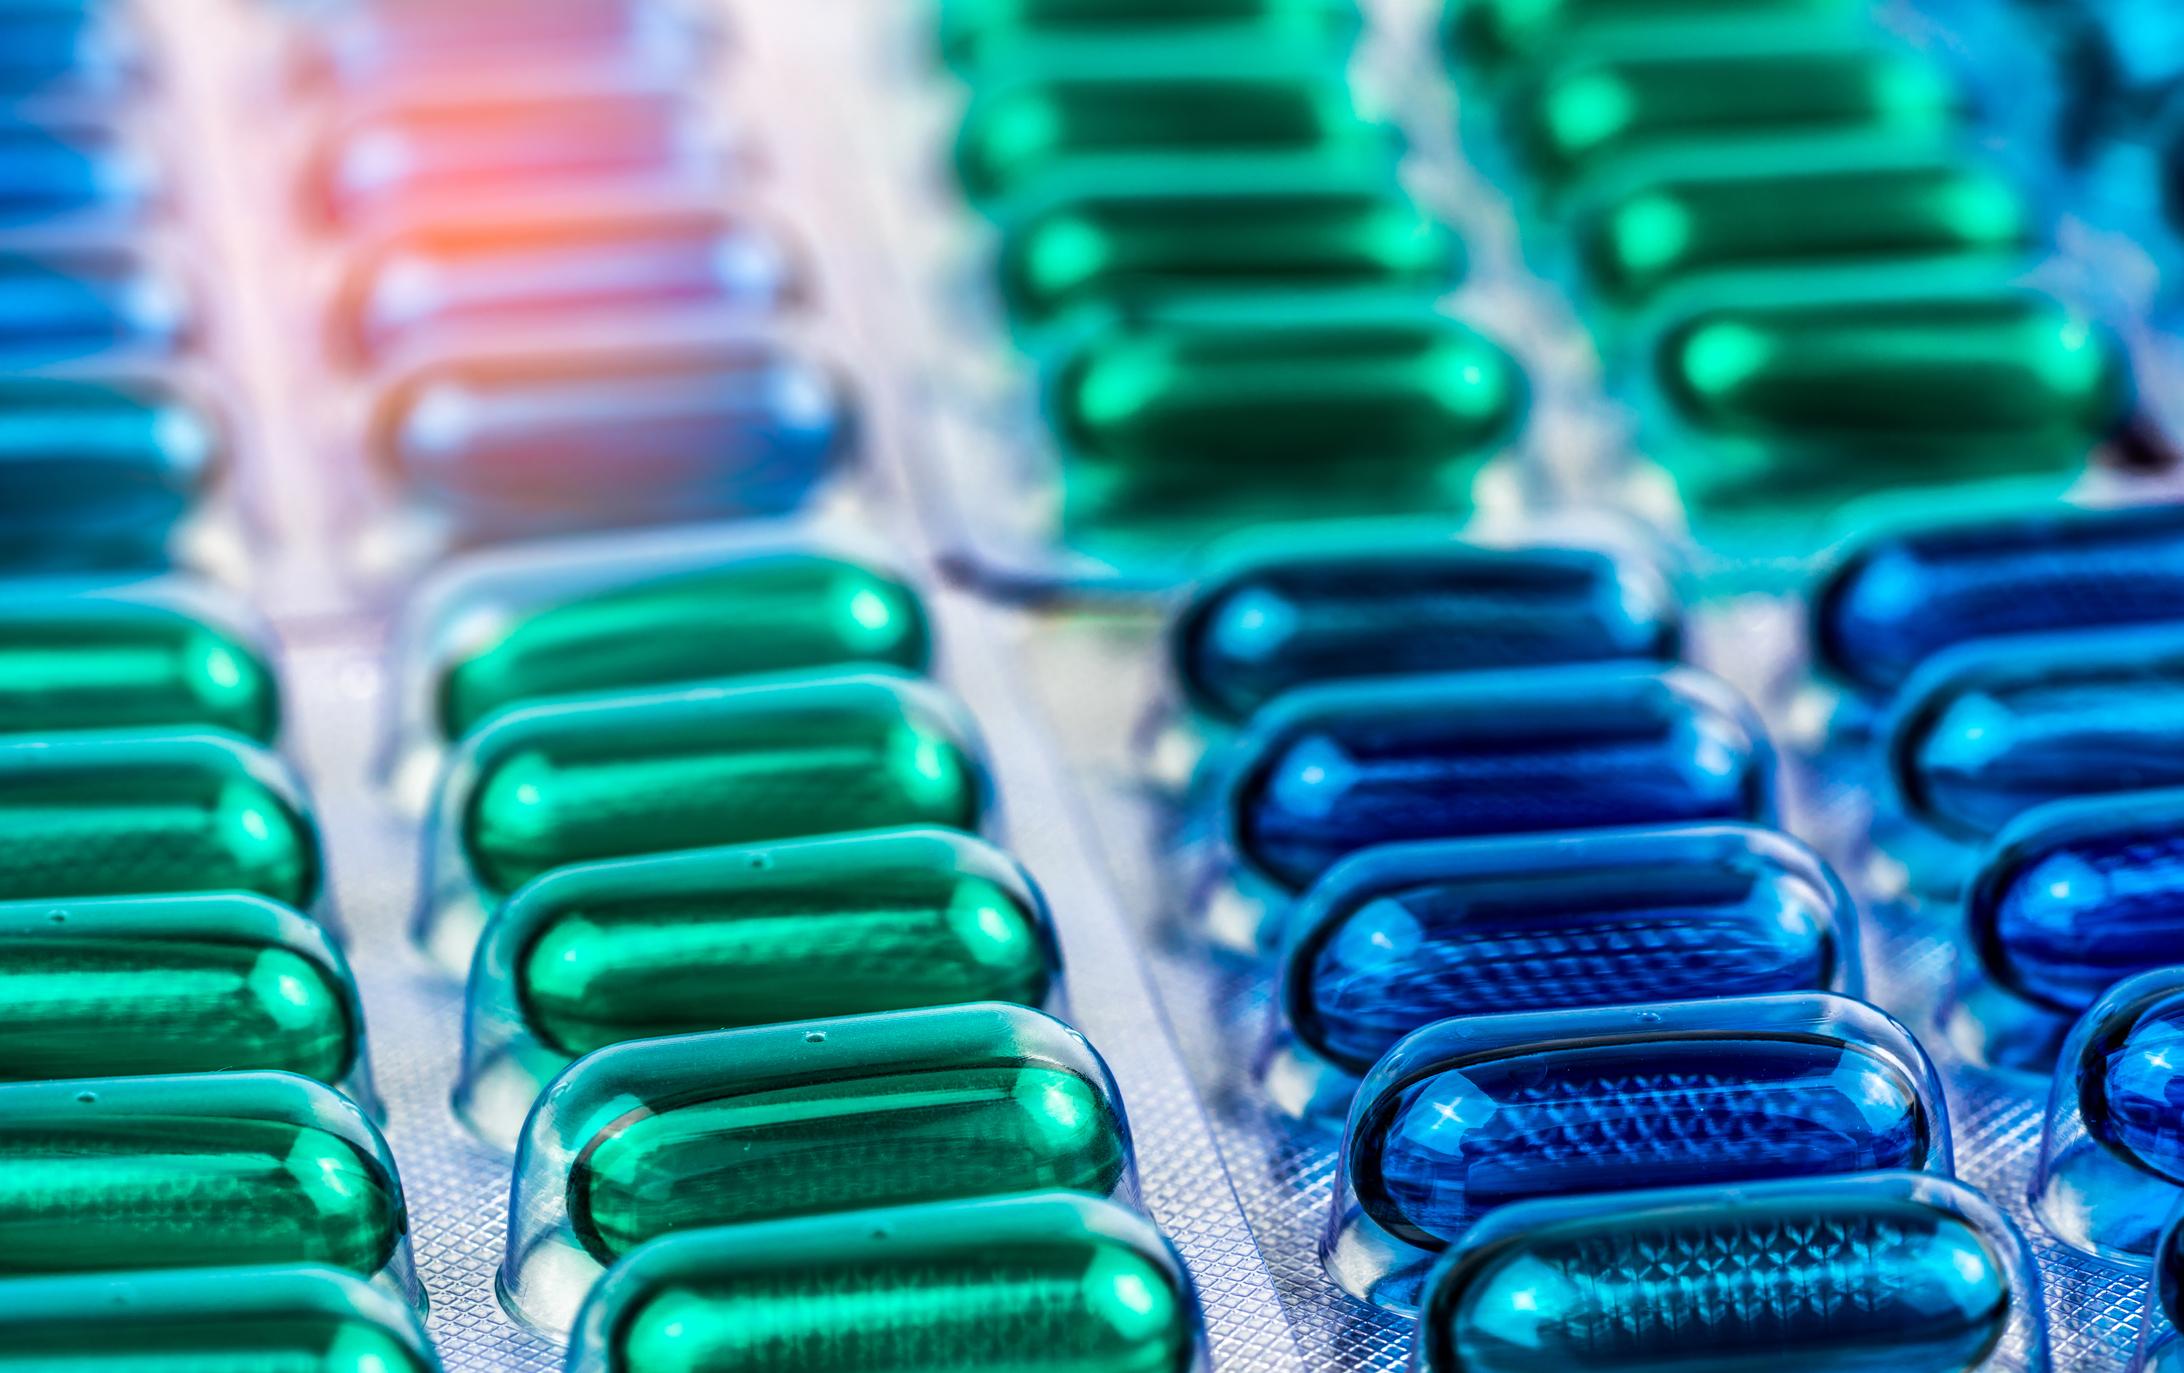 Μη στεροειδή αντιφλεγμονώδη φάρμακα